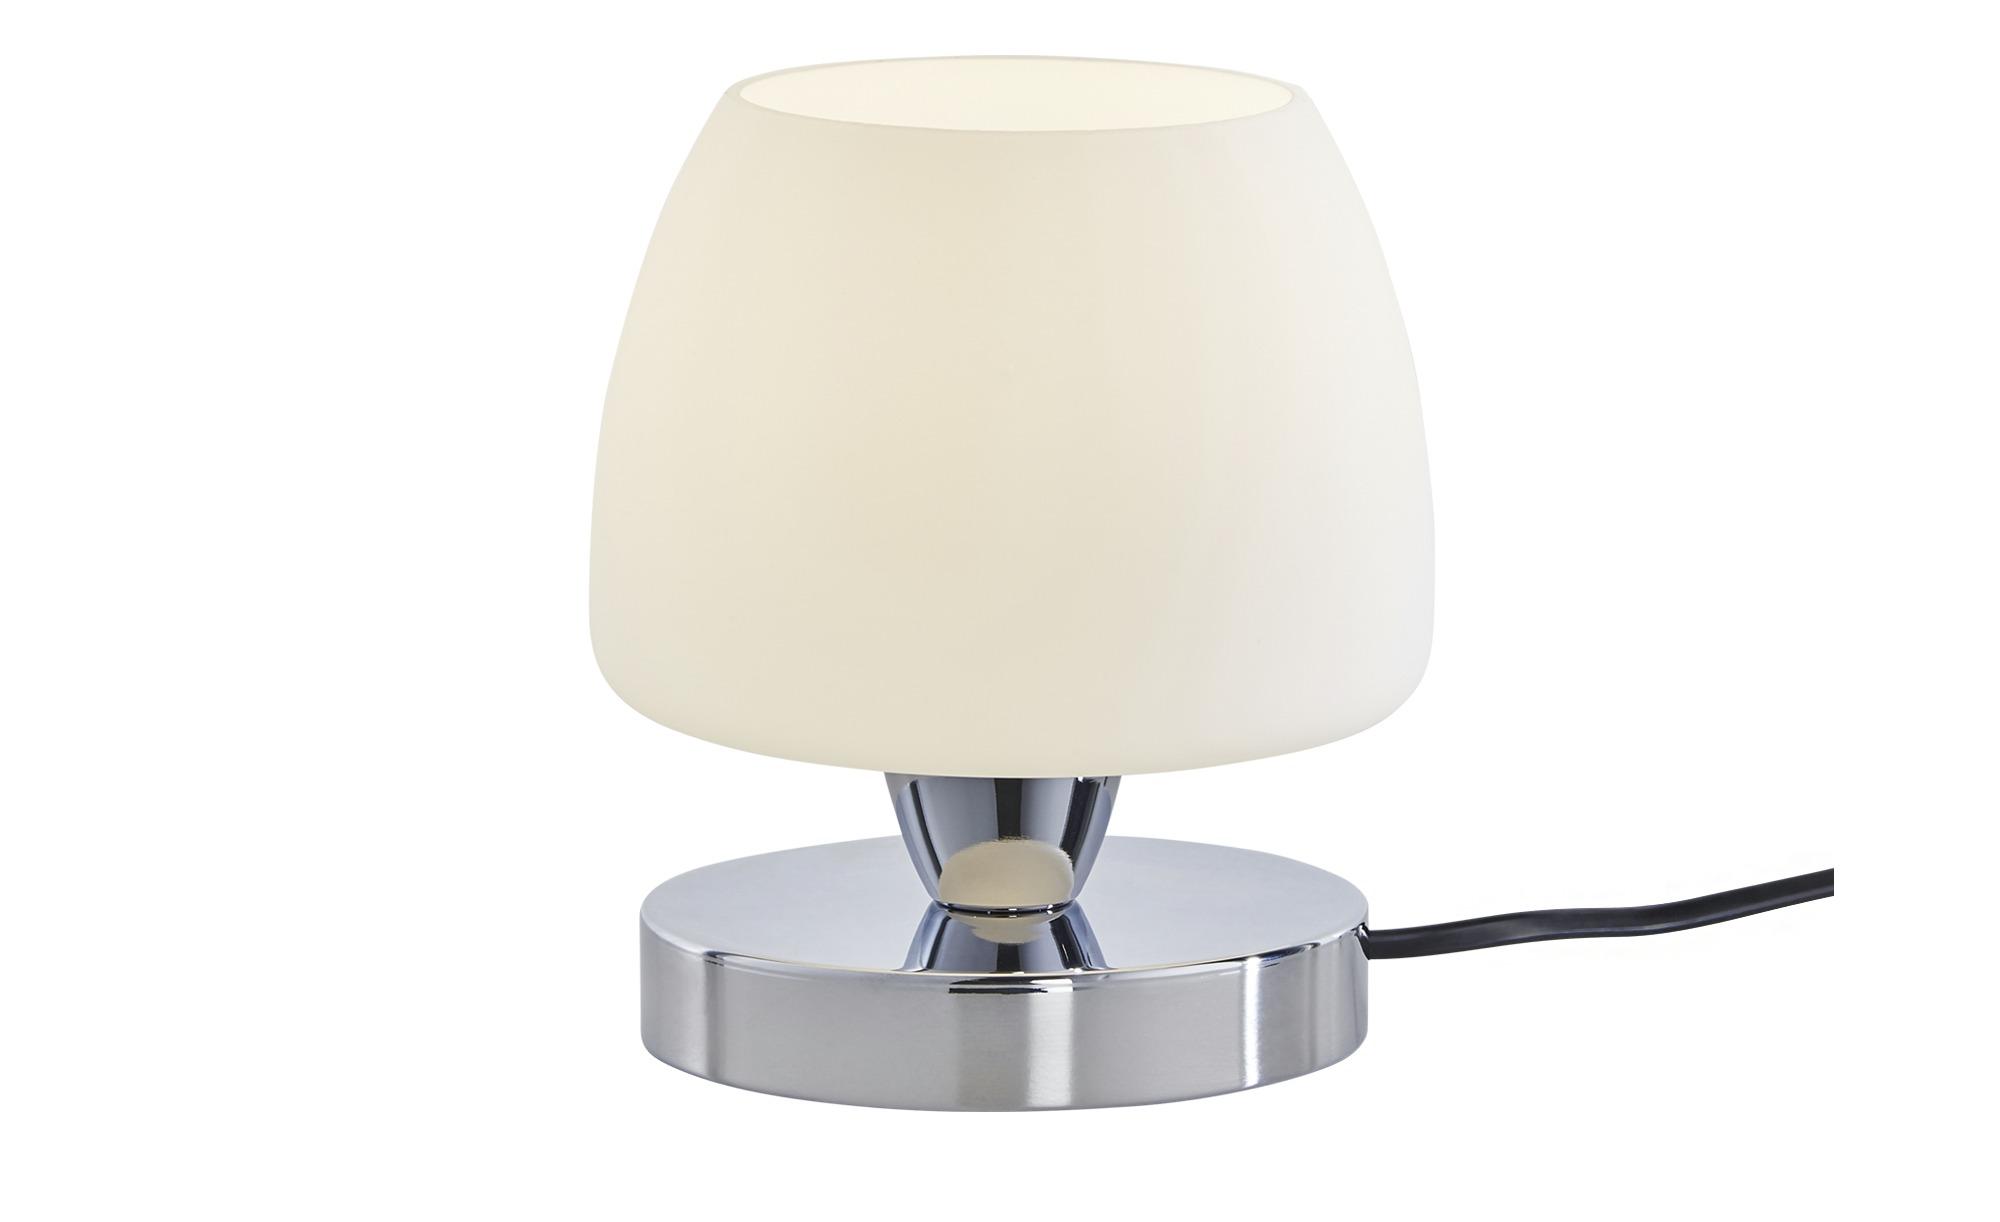 for friends LED-Tischleuchte, 1-flammig ¦ silber ¦ Maße (cm): H: 16 Ø: 13.5 Lampen & Leuchten > Innenleuchten > Tischlampen - Höffner